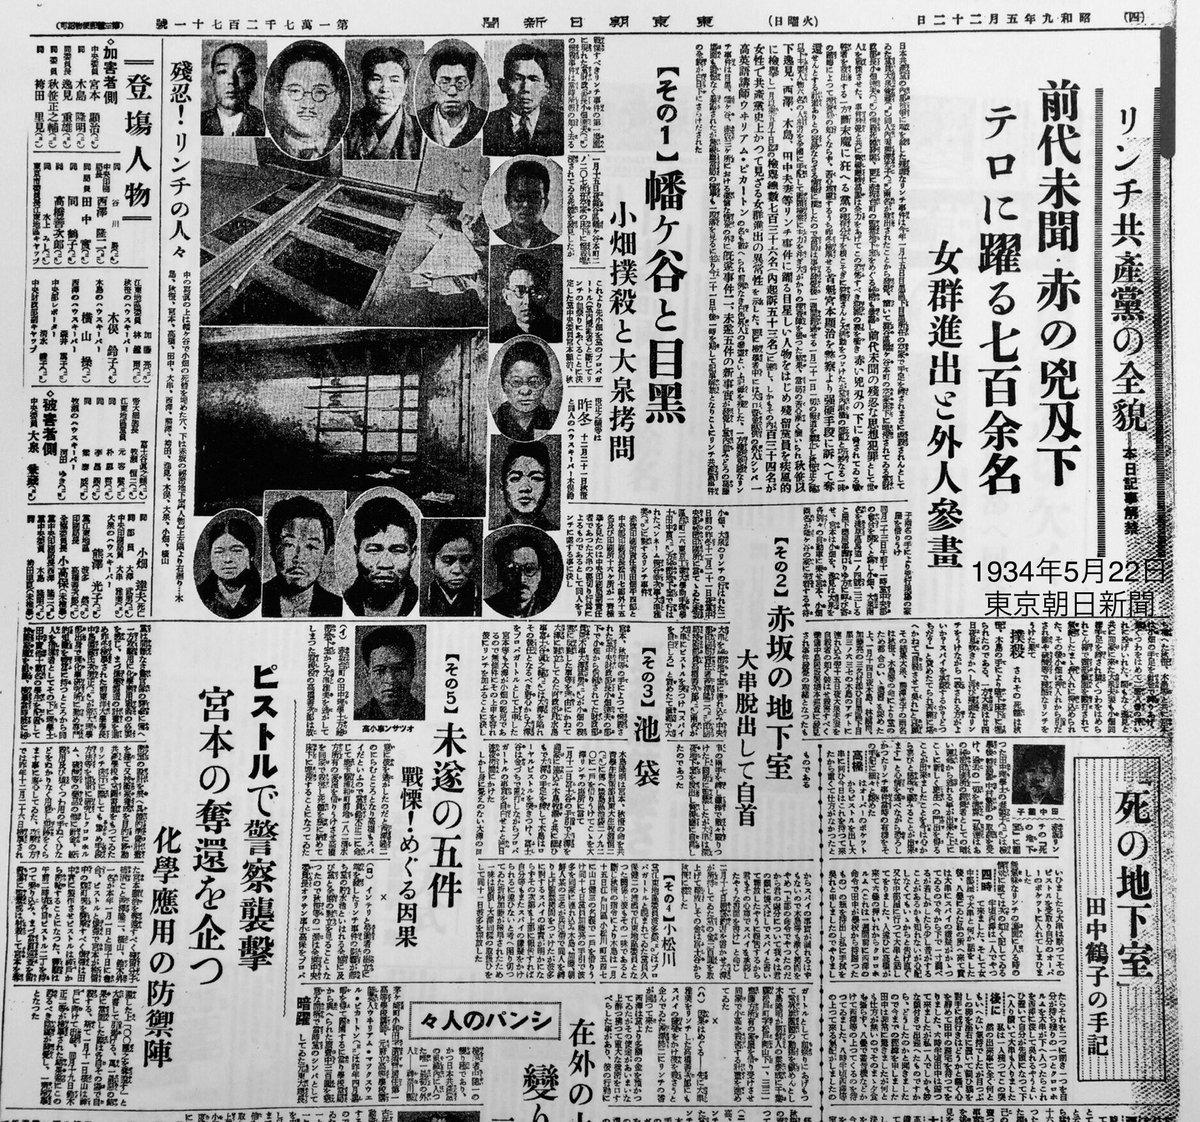 """にっく on Twitter: """"日本共産党の黒歴史⑰ 〜戦前編〜 ▽リンチ共産党 ..."""